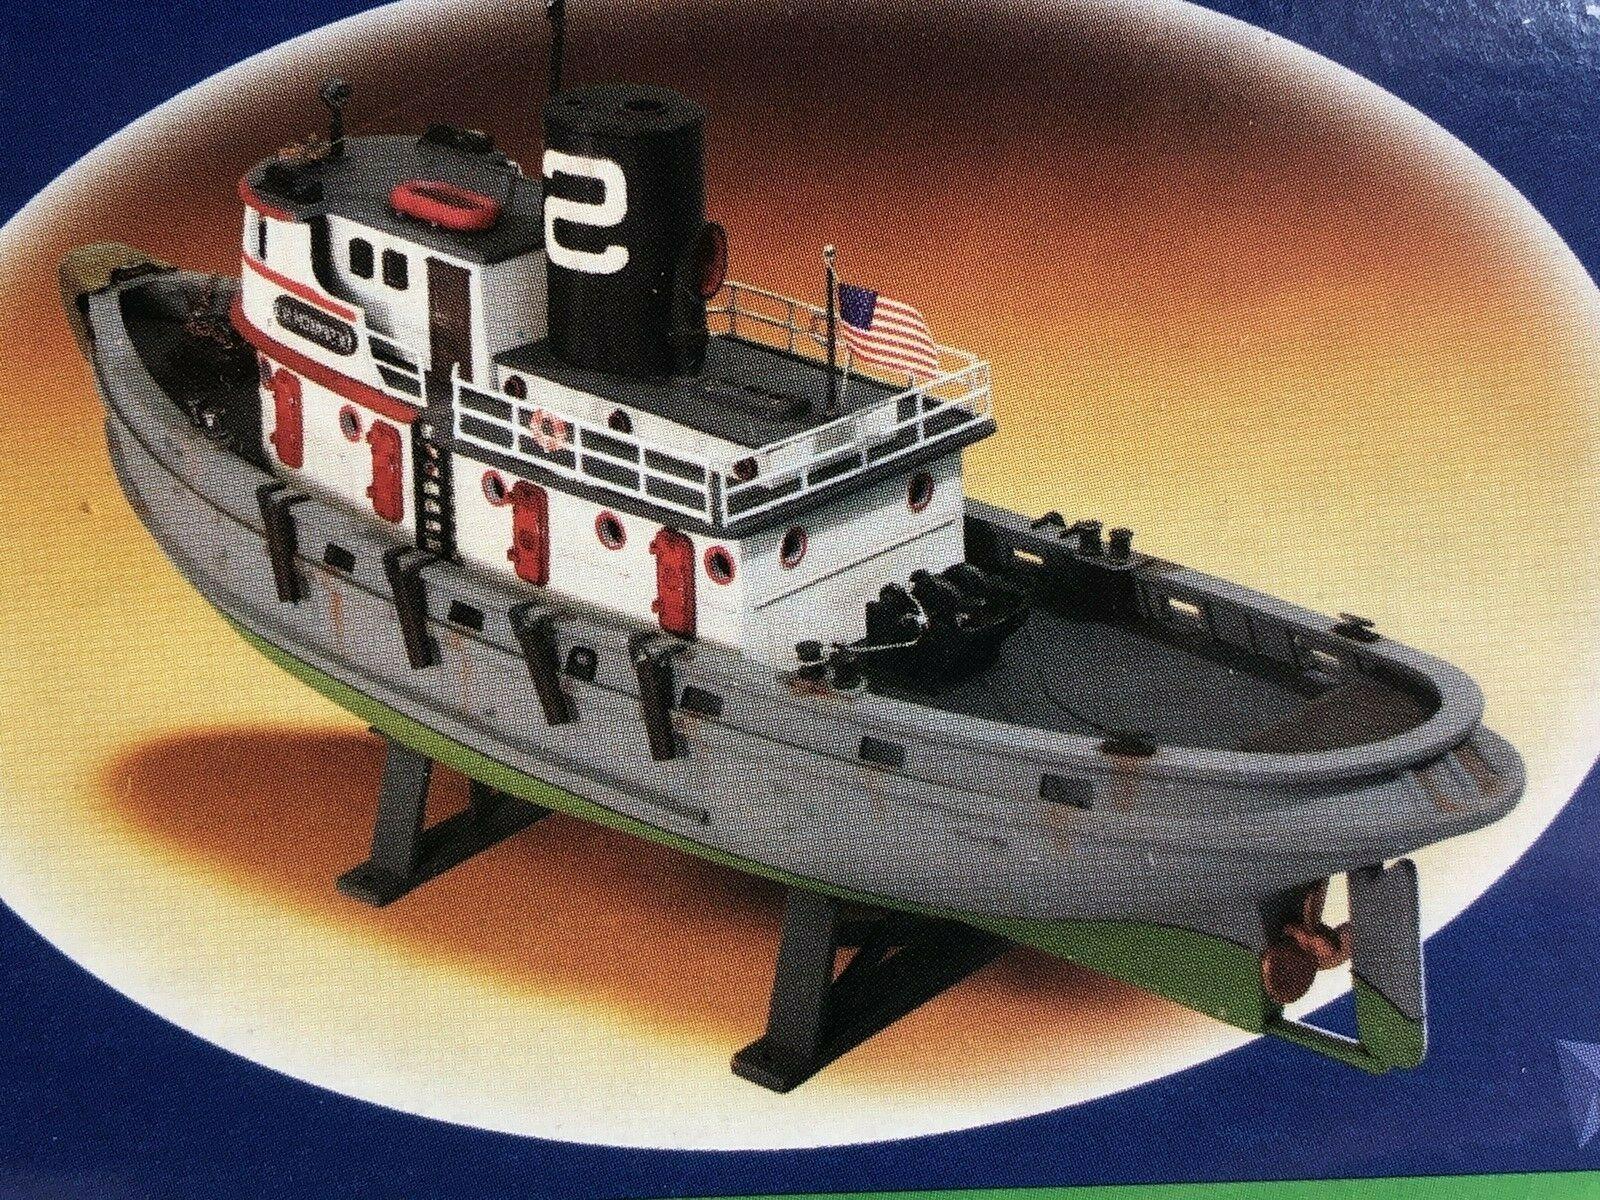 Lindberg Diesel Boat Model Kit